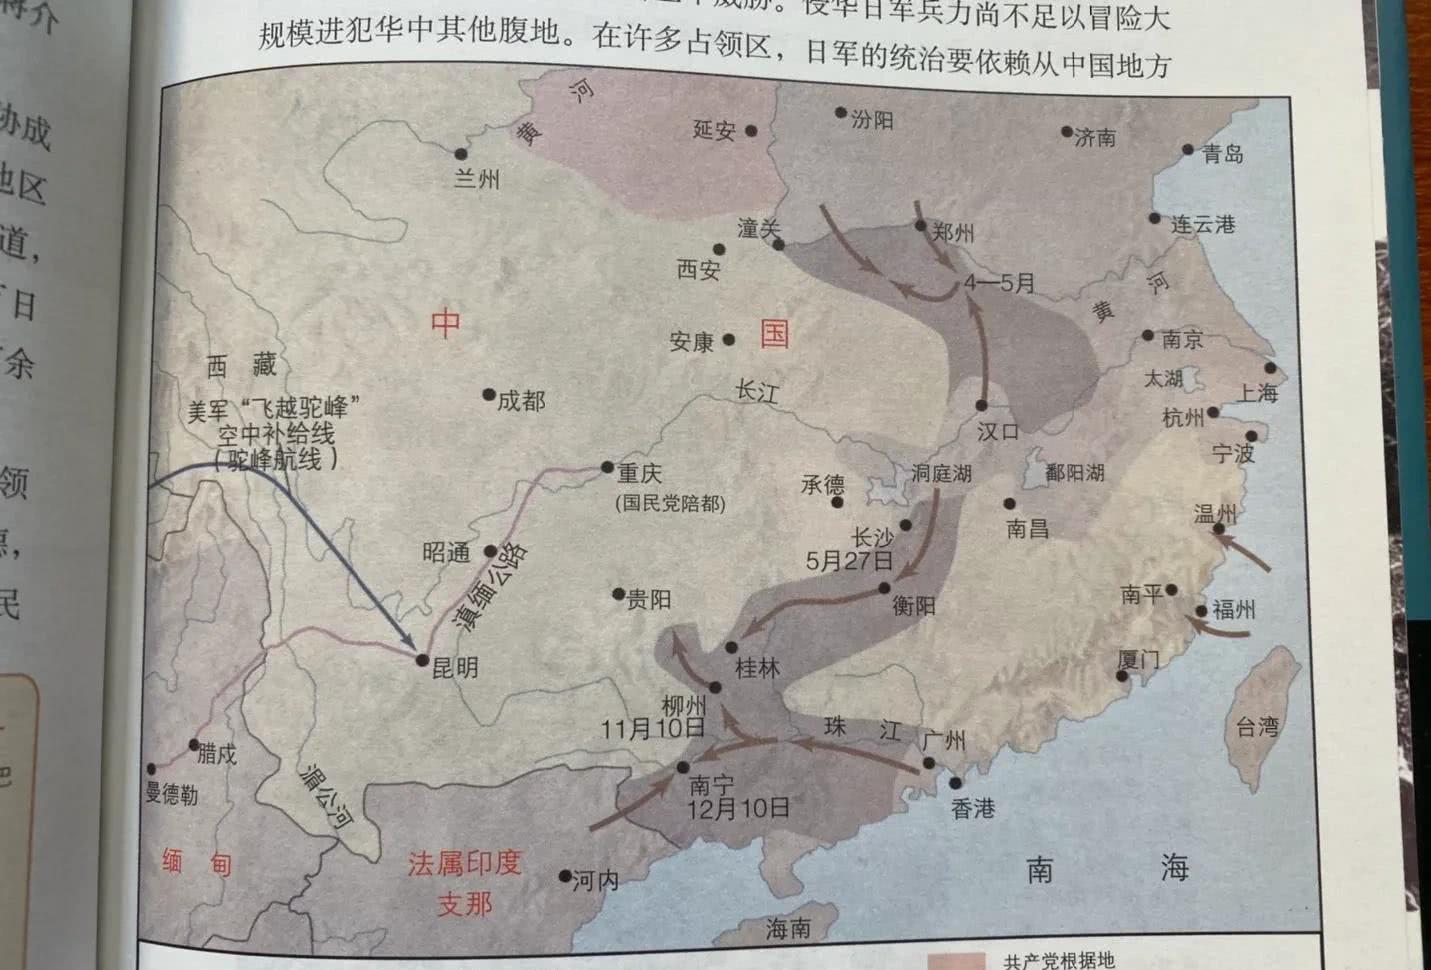 如果天皇不投降,日本下一步作战计划是什么日军高官告诉你